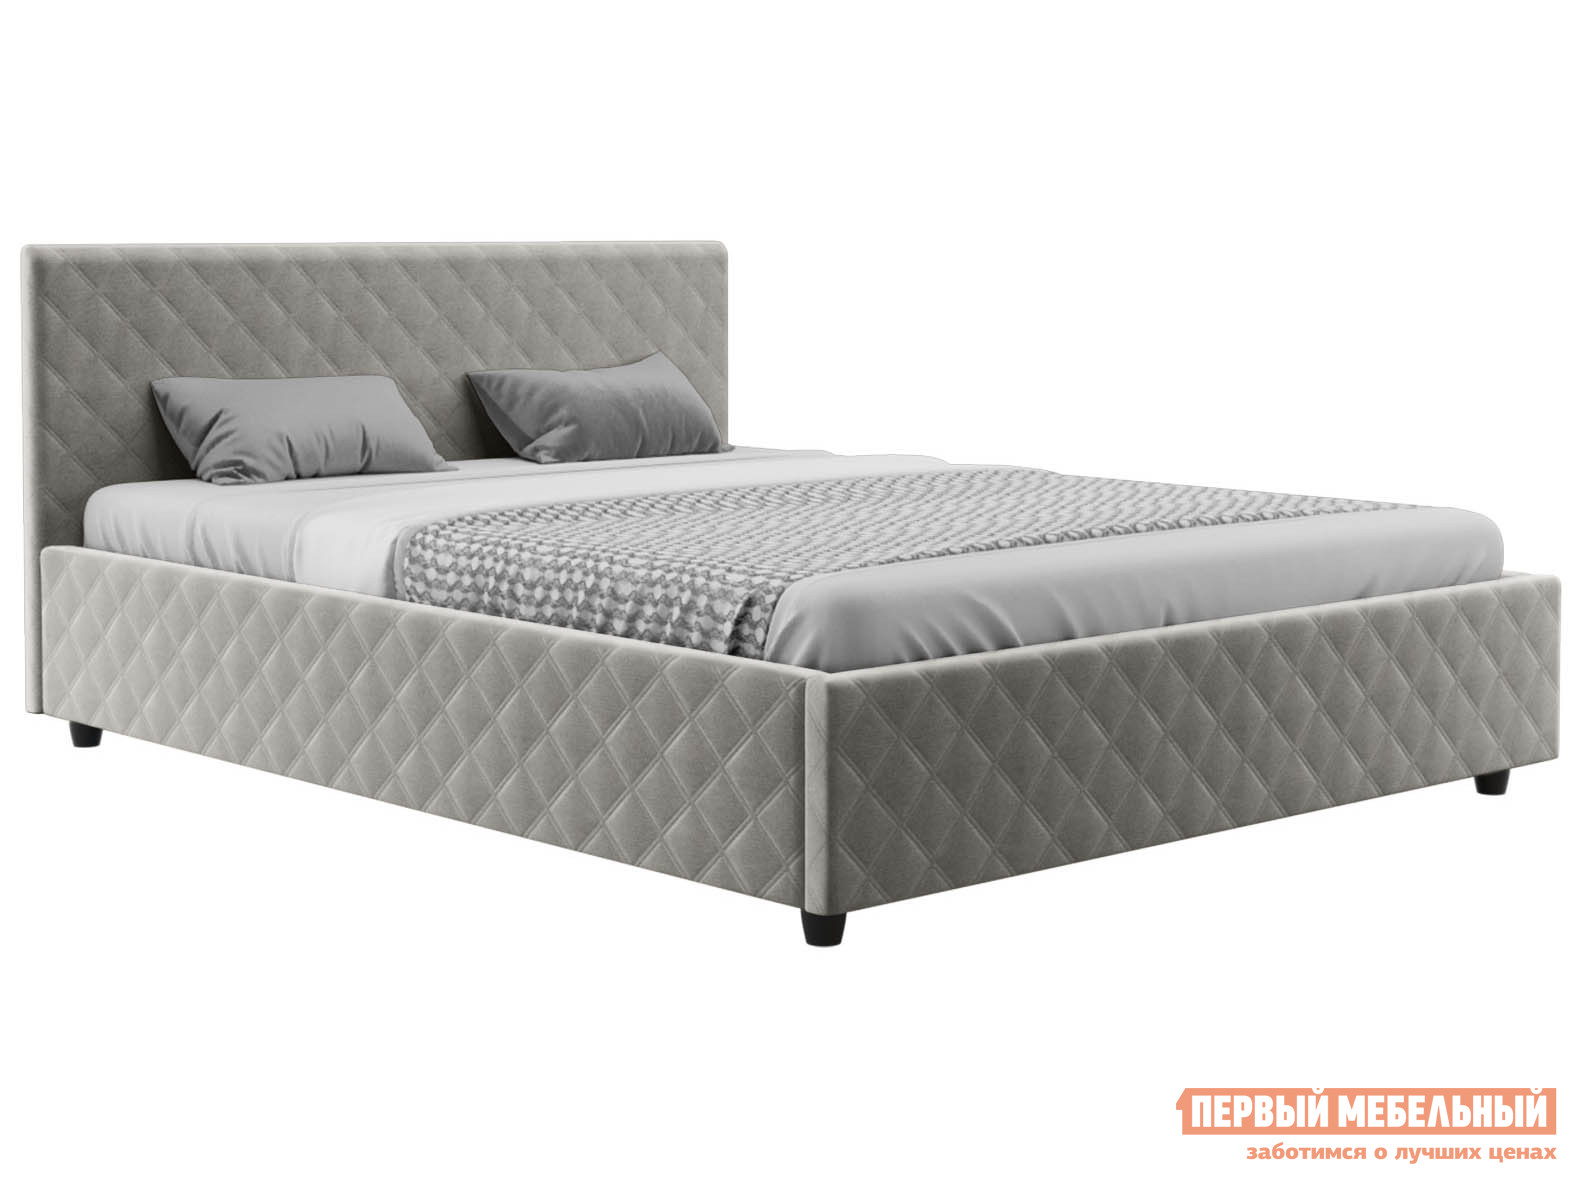 Двуспальная кровать  Франк ПМ Серый, велюр, 180х200 см